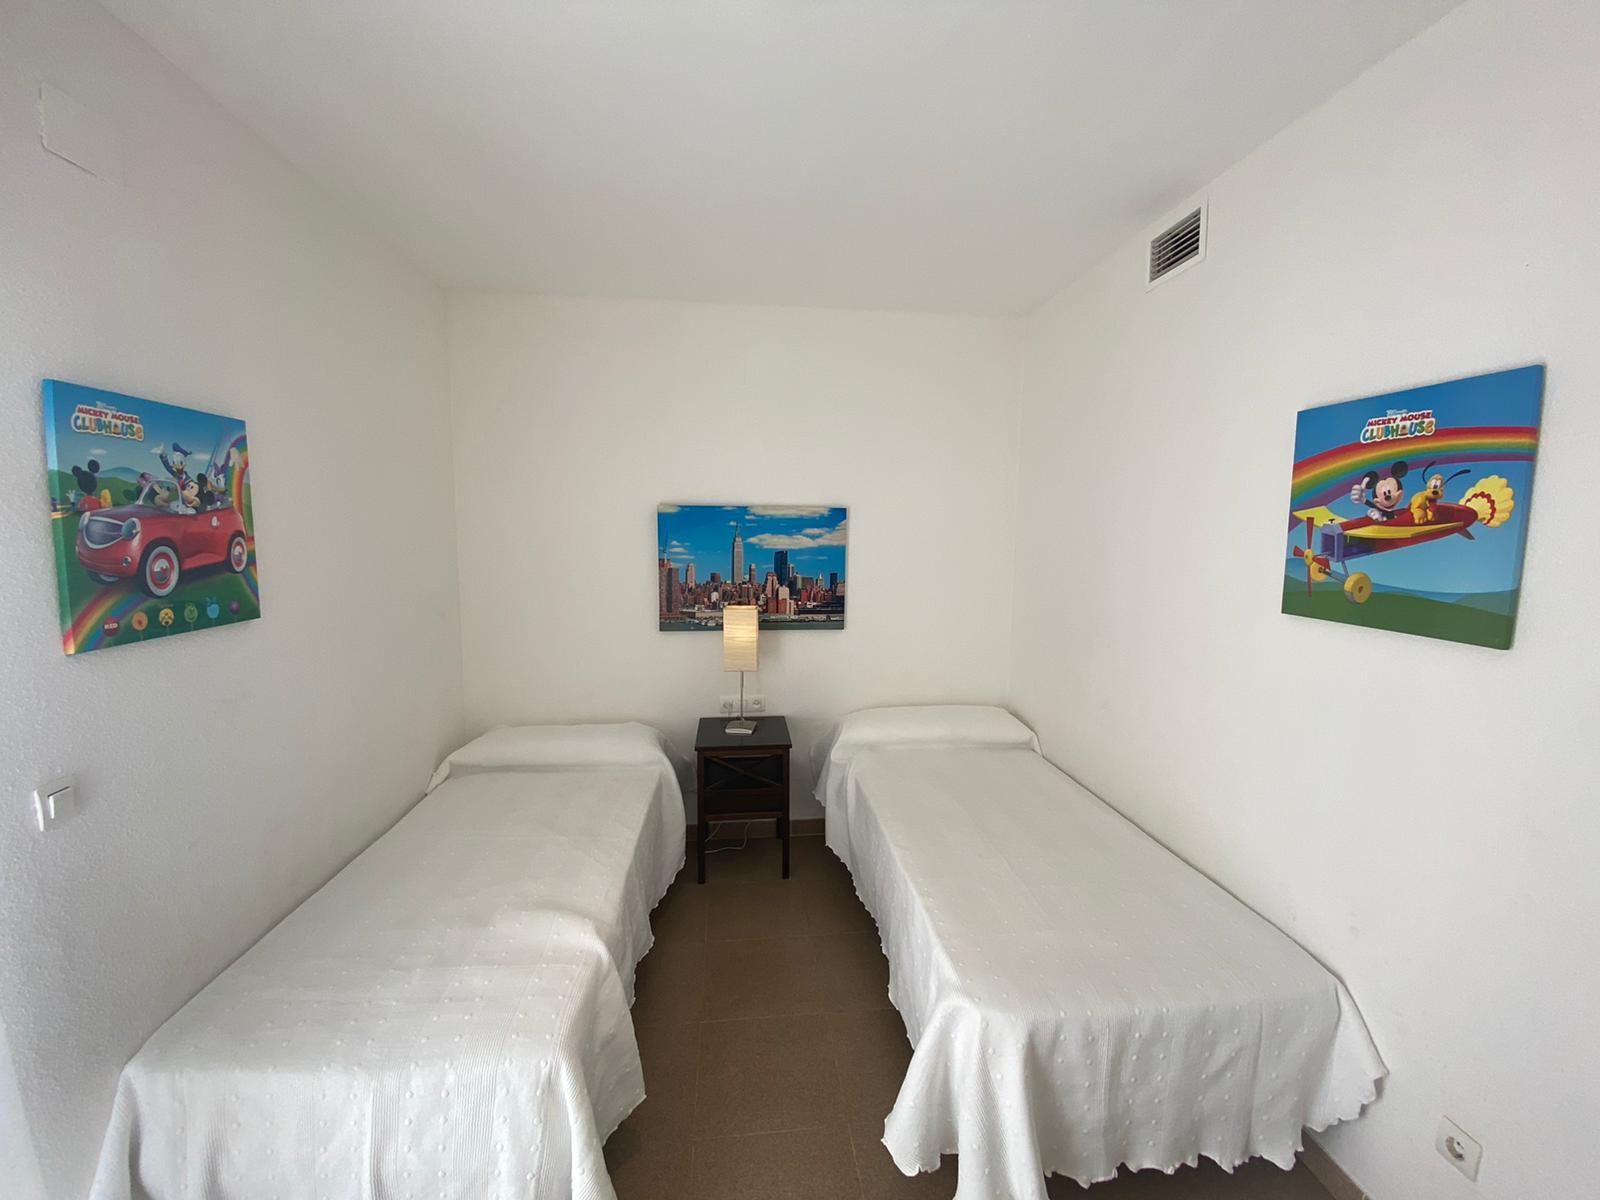 Imagen 37 del Apartamento Turístico, Ático 3 Levante, Frontal (4d+2b), Punta del Moral (HUELVA), Paseo de la Cruz nº22